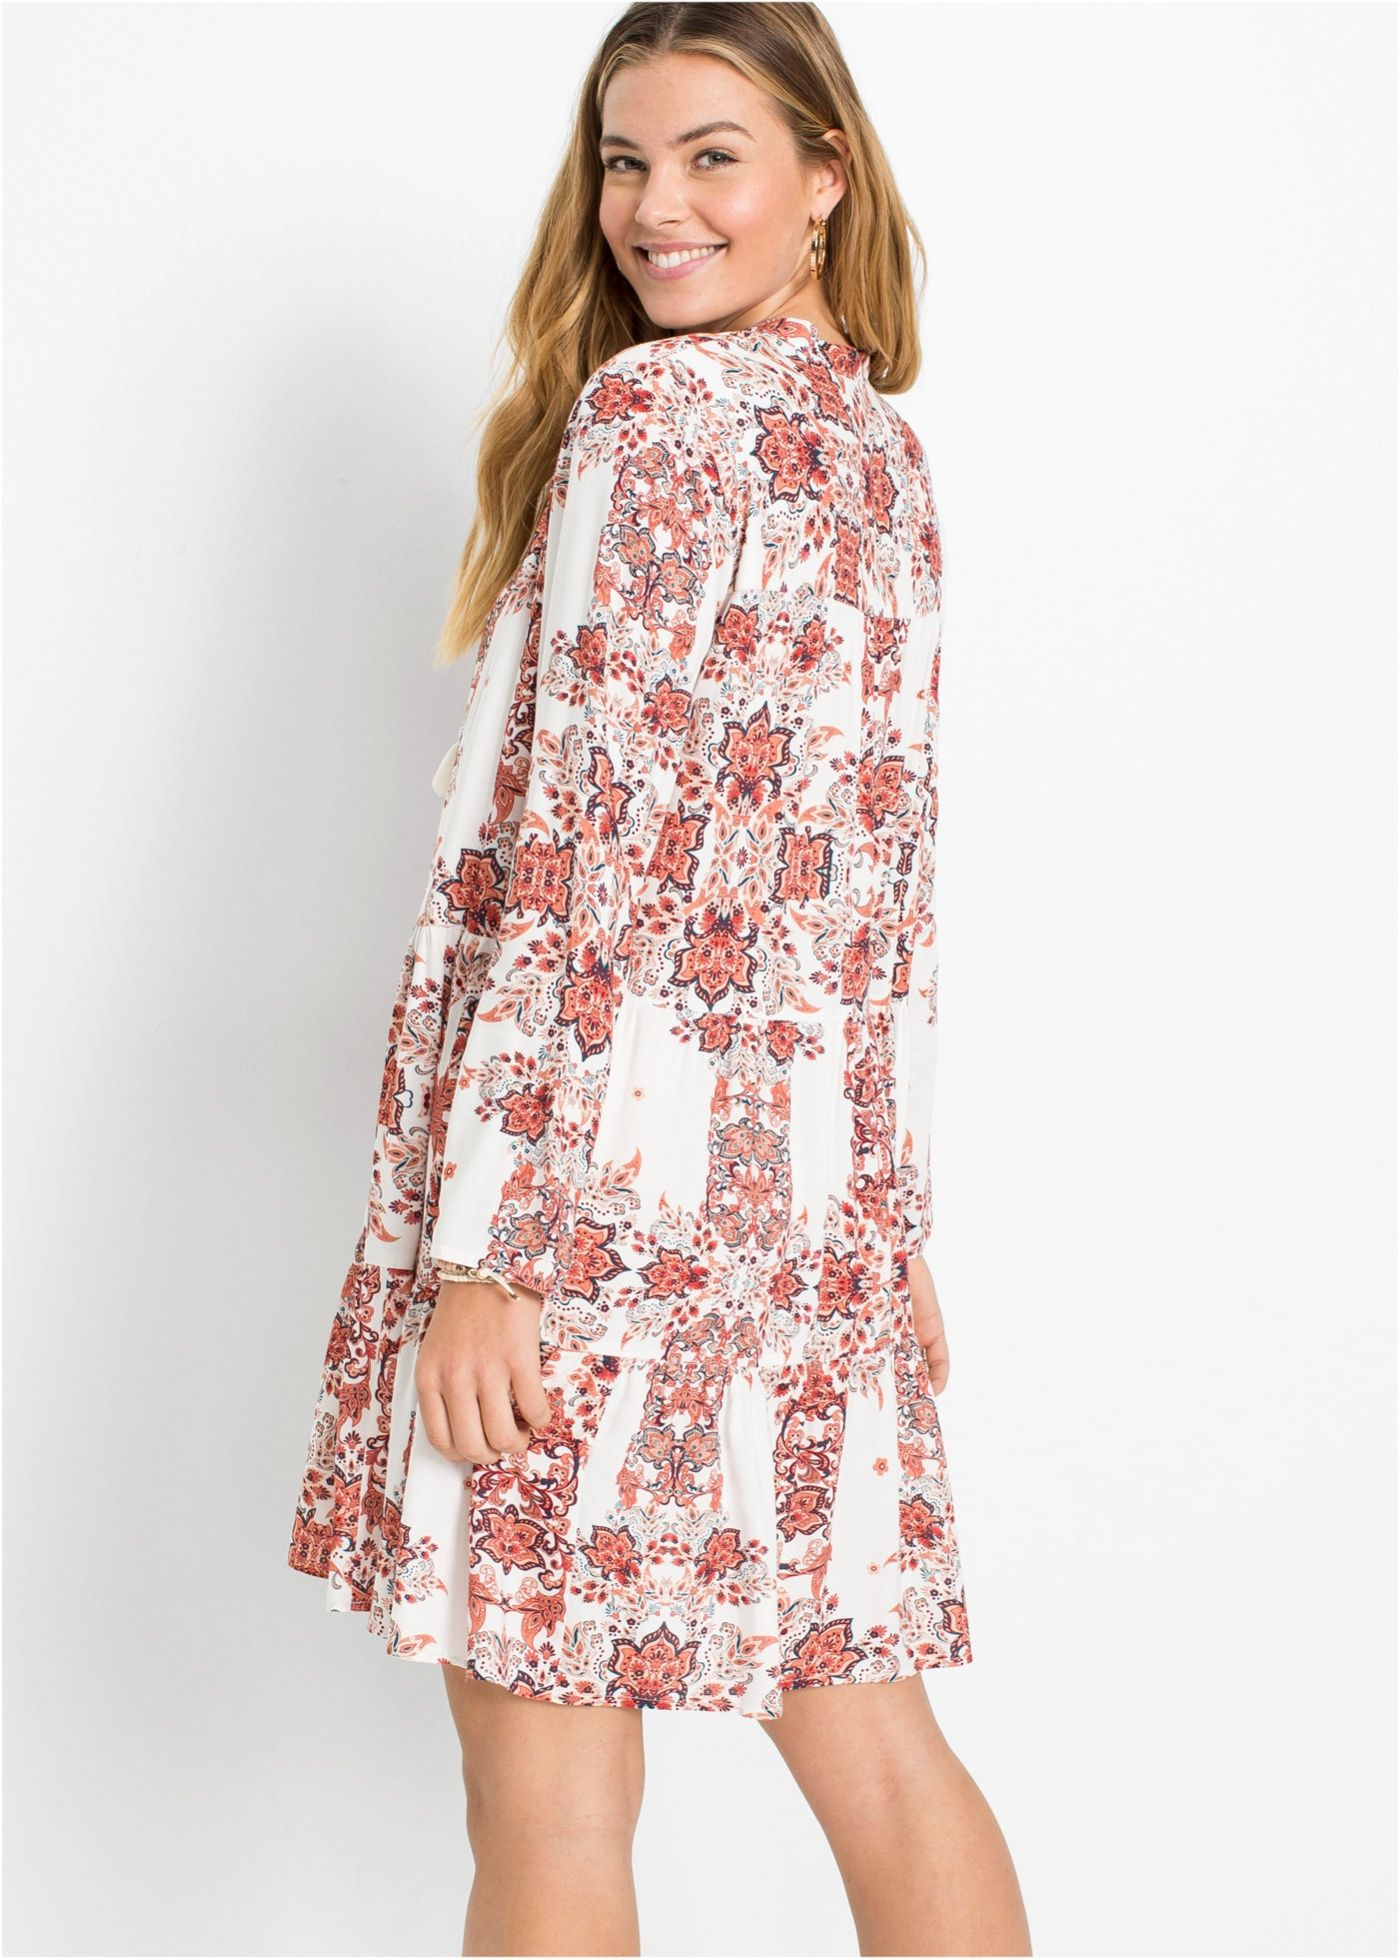 Blusenkleid Cremeweiss Gemustert Damen Rainbow Blusenkleid Modestil Kleider